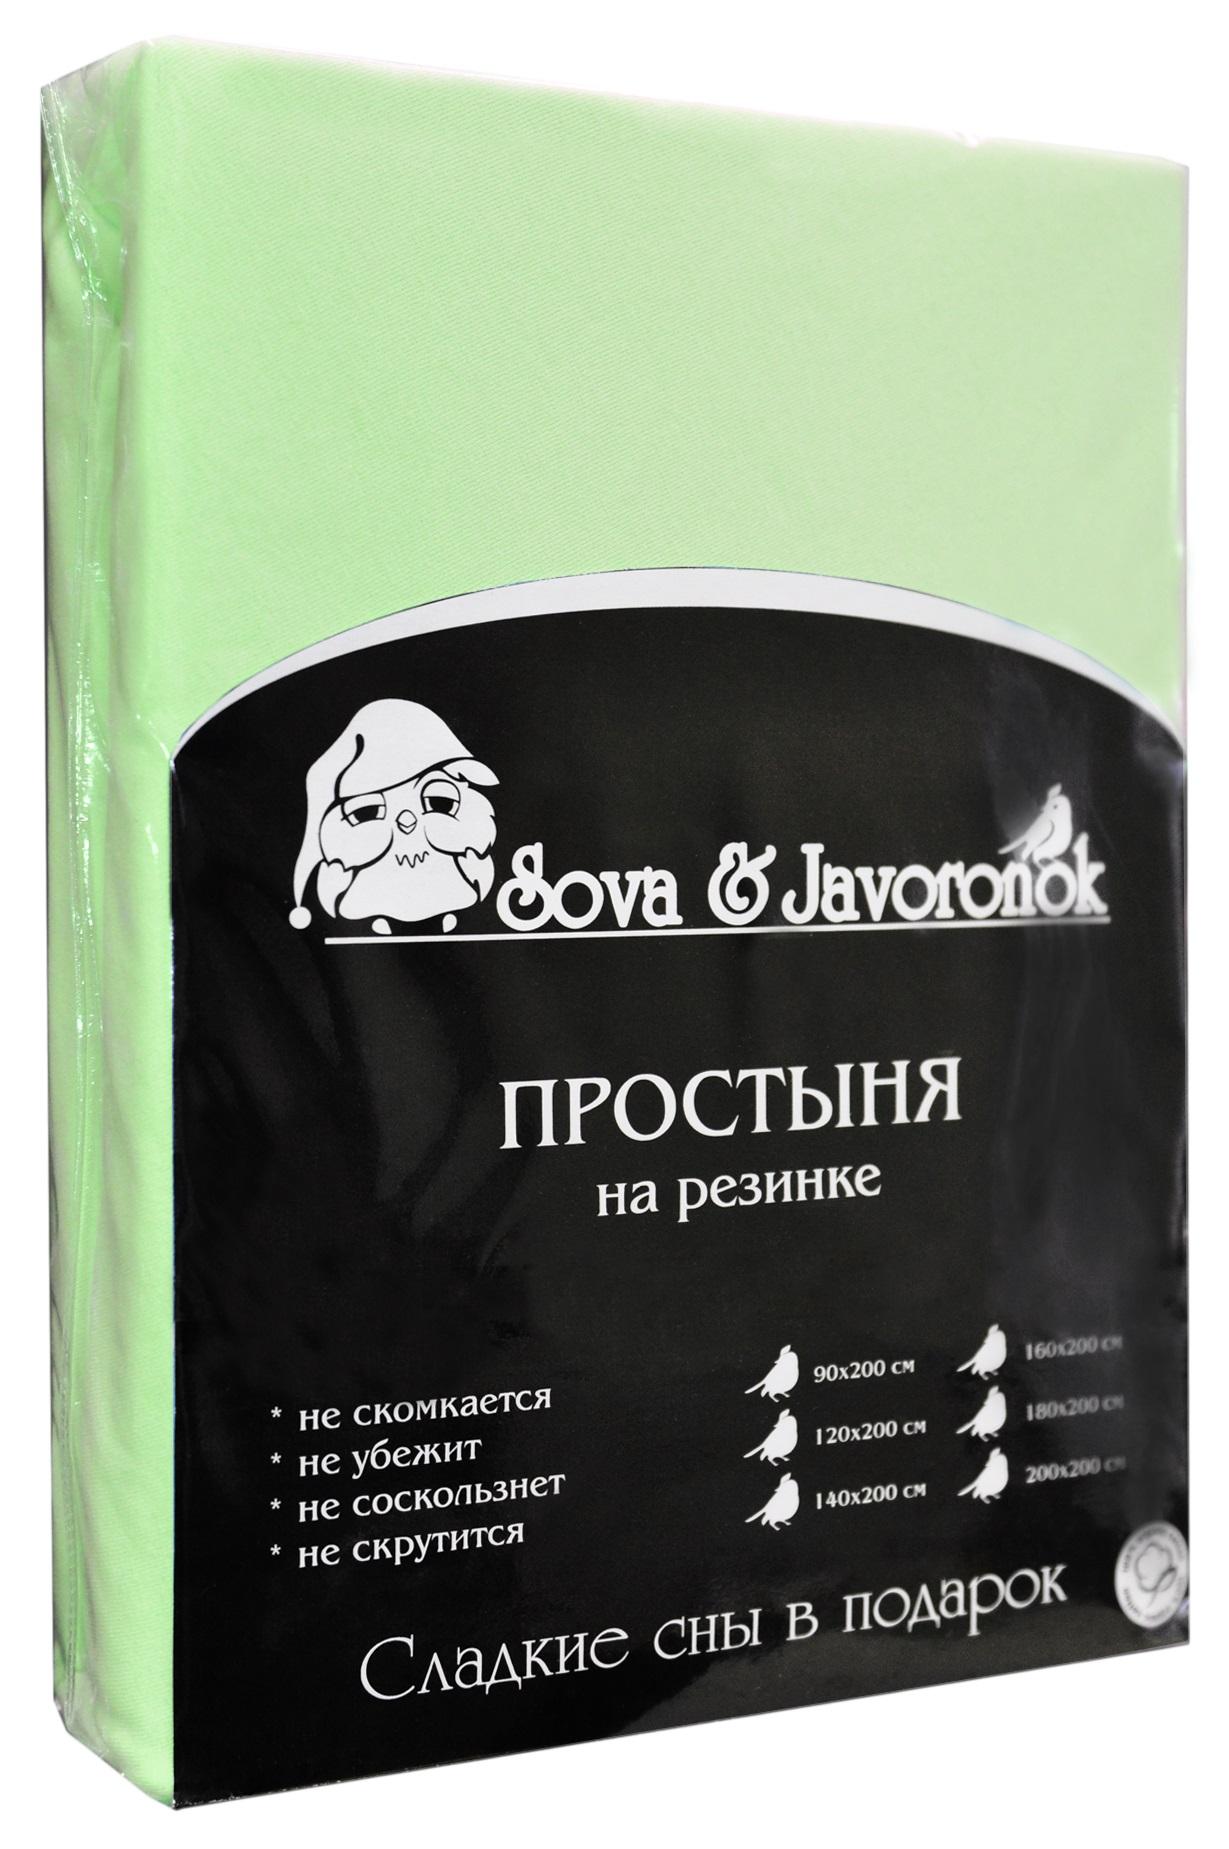 Простыня на резинке Sova & Javoronok, цвет: светло-зеленый, 200 см х 200 смES-412Простыня на резинке Sova & Javoronok, изготовленная из трикотажной ткани (100% хлопок), будет превосходно смотреться с любыми комплектами белья. Хлопчатобумажный трикотаж по праву считается одним из самых качественных, прочных и при этом приятных на ощупь. Его гигиеничность позволяет использовать простыню и в детских комнатах, к тому же 100%-ый хлопок в составе ткани не вызовет аллергии. У трикотажного полотна очень интересная структура, немного рыхлая за счет отсутствия плотного переплетения нитей и наличия особых петель, благодаря этому простыня Сова и Жаворонок отлично пропускает воздух и способствует его постоянной циркуляции. Поэтому ваша постель будет всегда оставаться свежей. Но главное и, пожалуй, самое известное свойство трикотажа - это его великолепная растяжимость, поэтому эта ткань и была выбрана для натяжной простыни на резинке.Простыня прошита резинкой по всему периметру, что обеспечивает более комфортный отдых, так как она прочно удерживается на матрасе и избавляет от необходимости часто поправлять простыню.